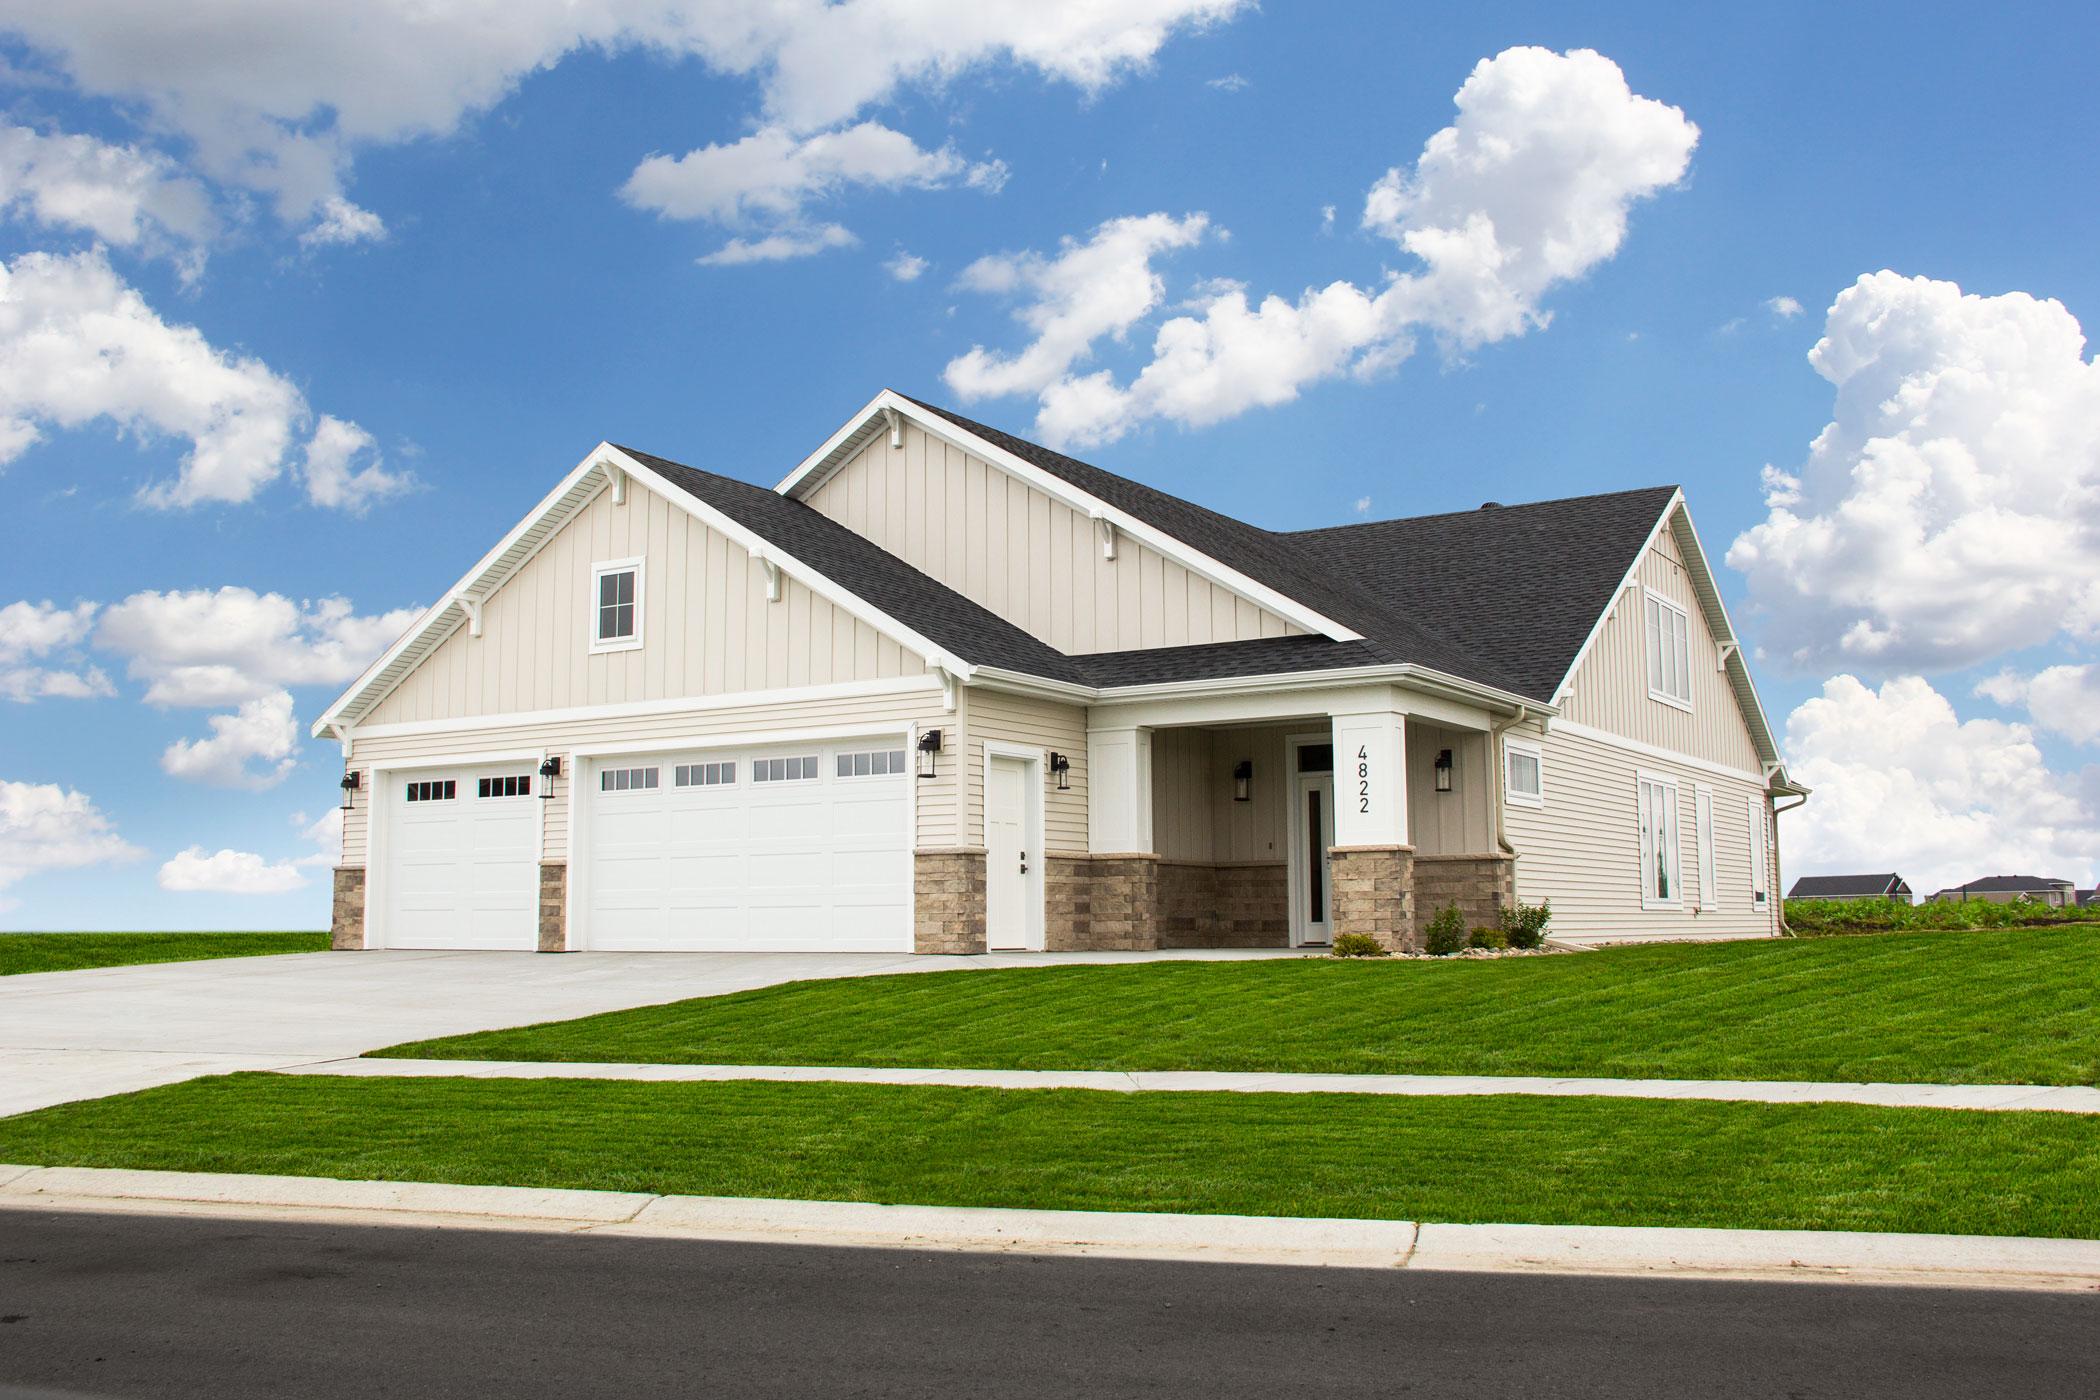 Cottages: Block 2, Lot 2